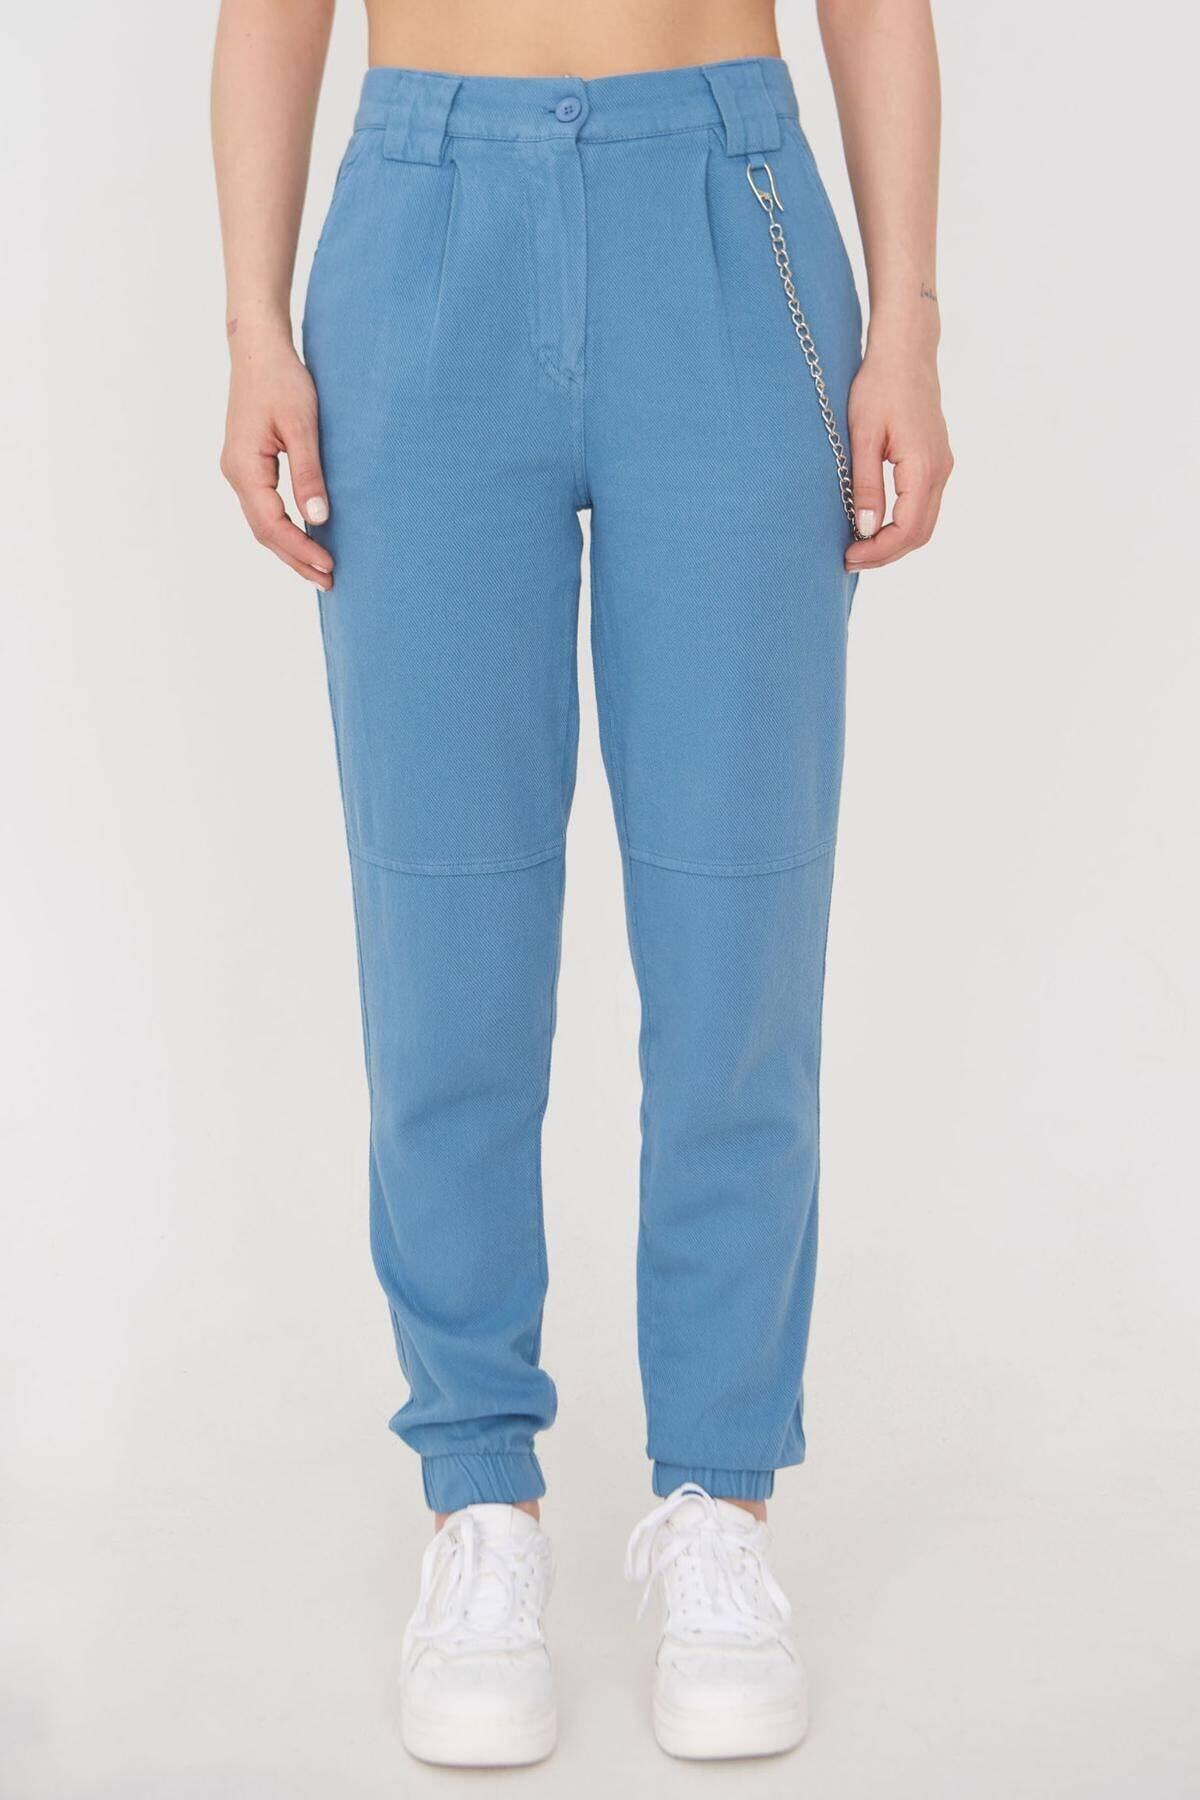 Addax Kadın Mavi Zincir Detaylı Pantolon Pn01-0073 - S11 Adx-0000024102 1